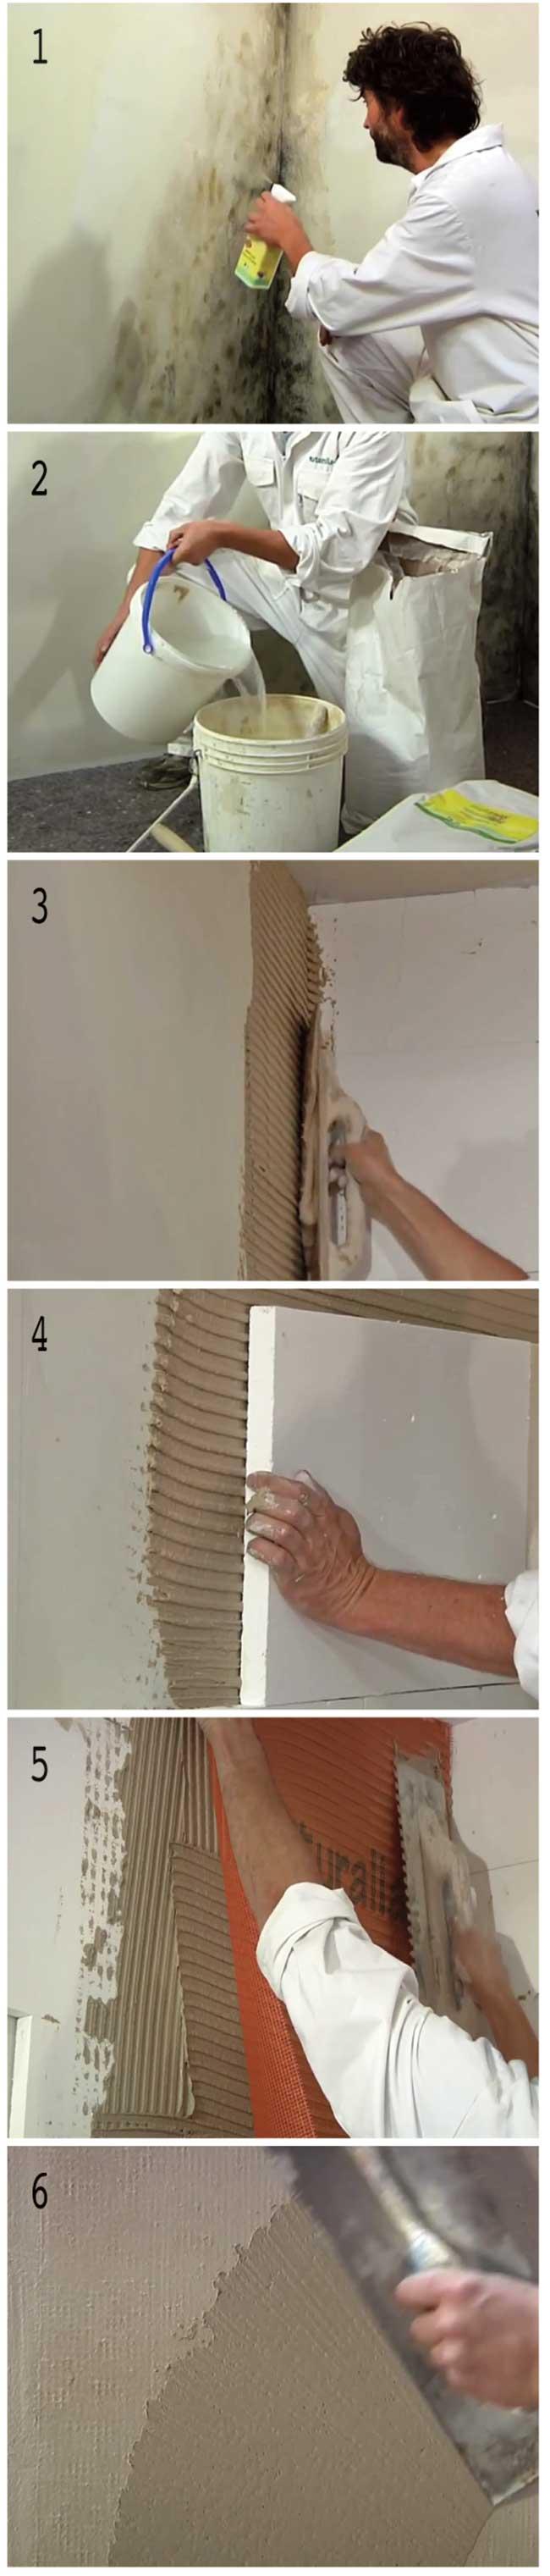 Muffa sui muri come eliminarla sistematicamente - Togliere la muffa dai muri di casa ...